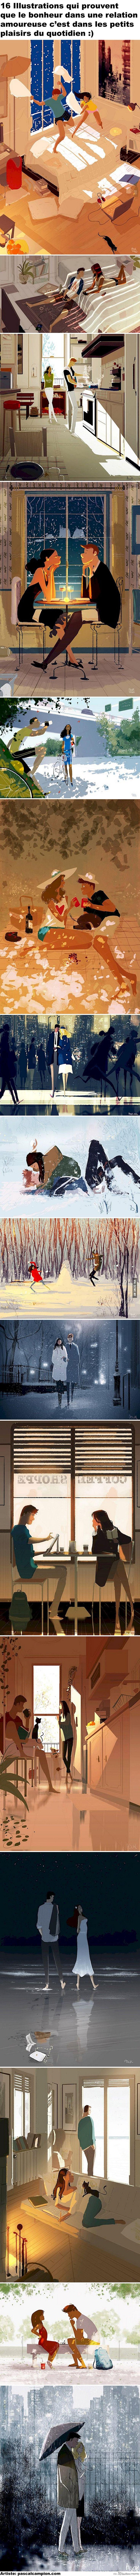 16 Illustrations qui prouvent que le bonheur dans une relation amoureuse c'est dans les petits plaisirs du quotidien :)